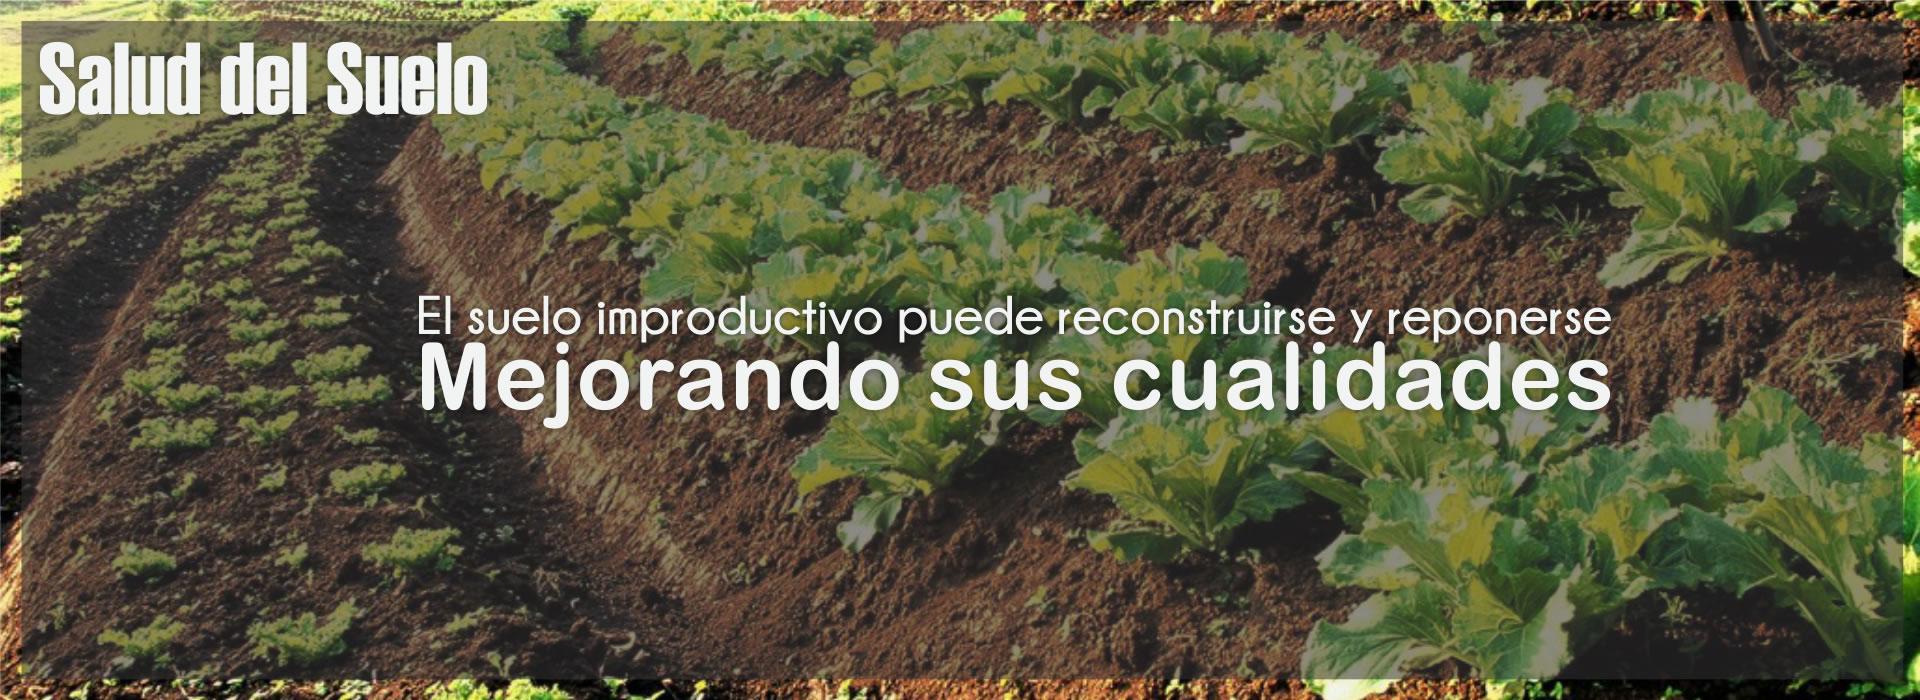 El suelo improductivo puede reconstruirse y reponerse, mejorando sus cualidades